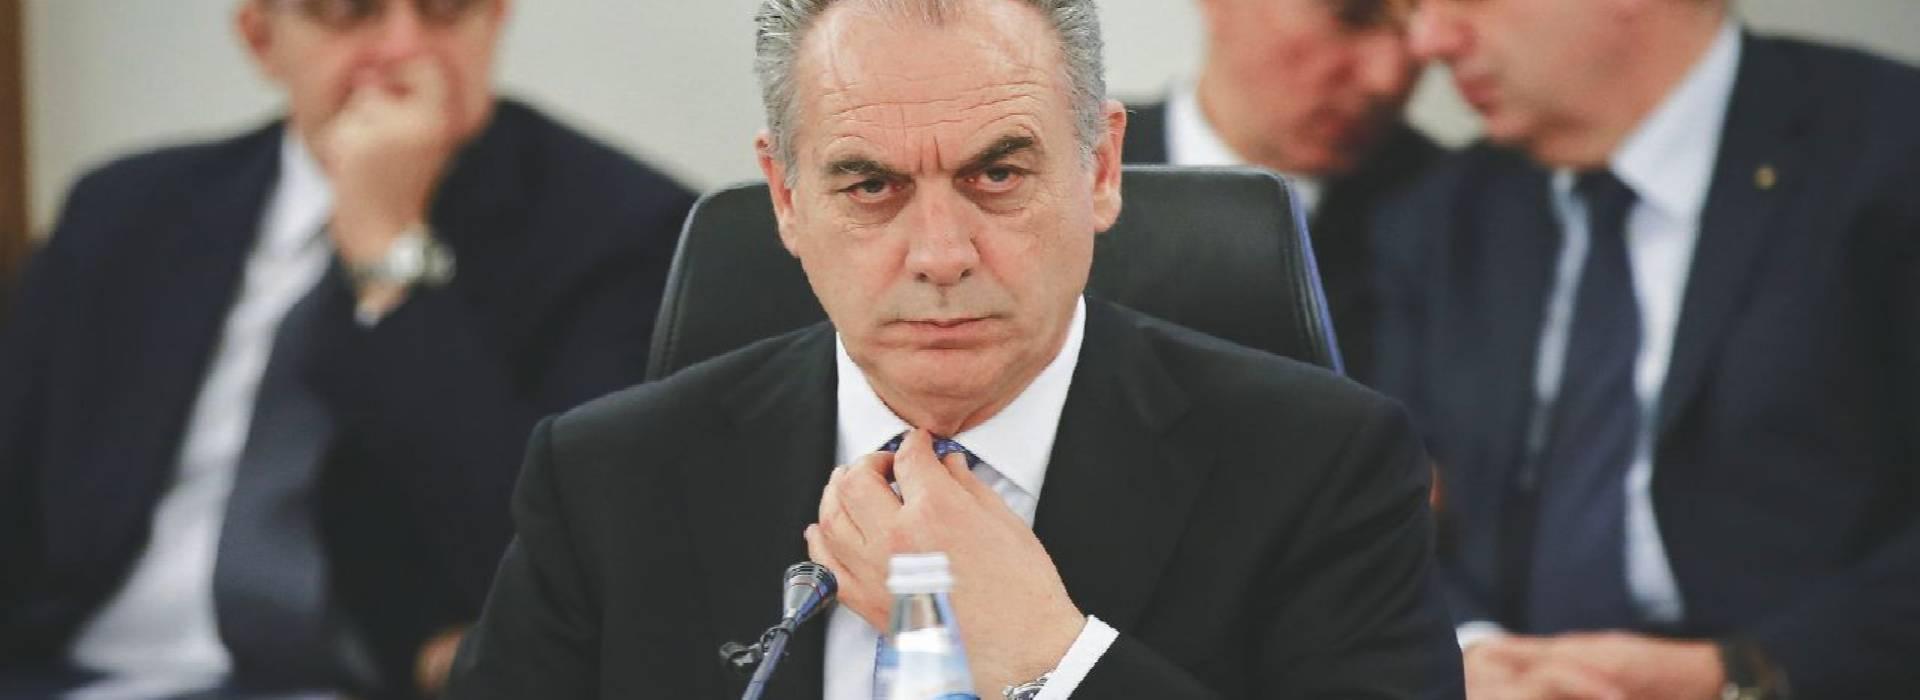 """Tutti cercavano Palamara, anche i giornalisti. E Legnini, ex vice Csm, gli diceva: """"con Repubblica ho rapporti al massimo livello"""""""